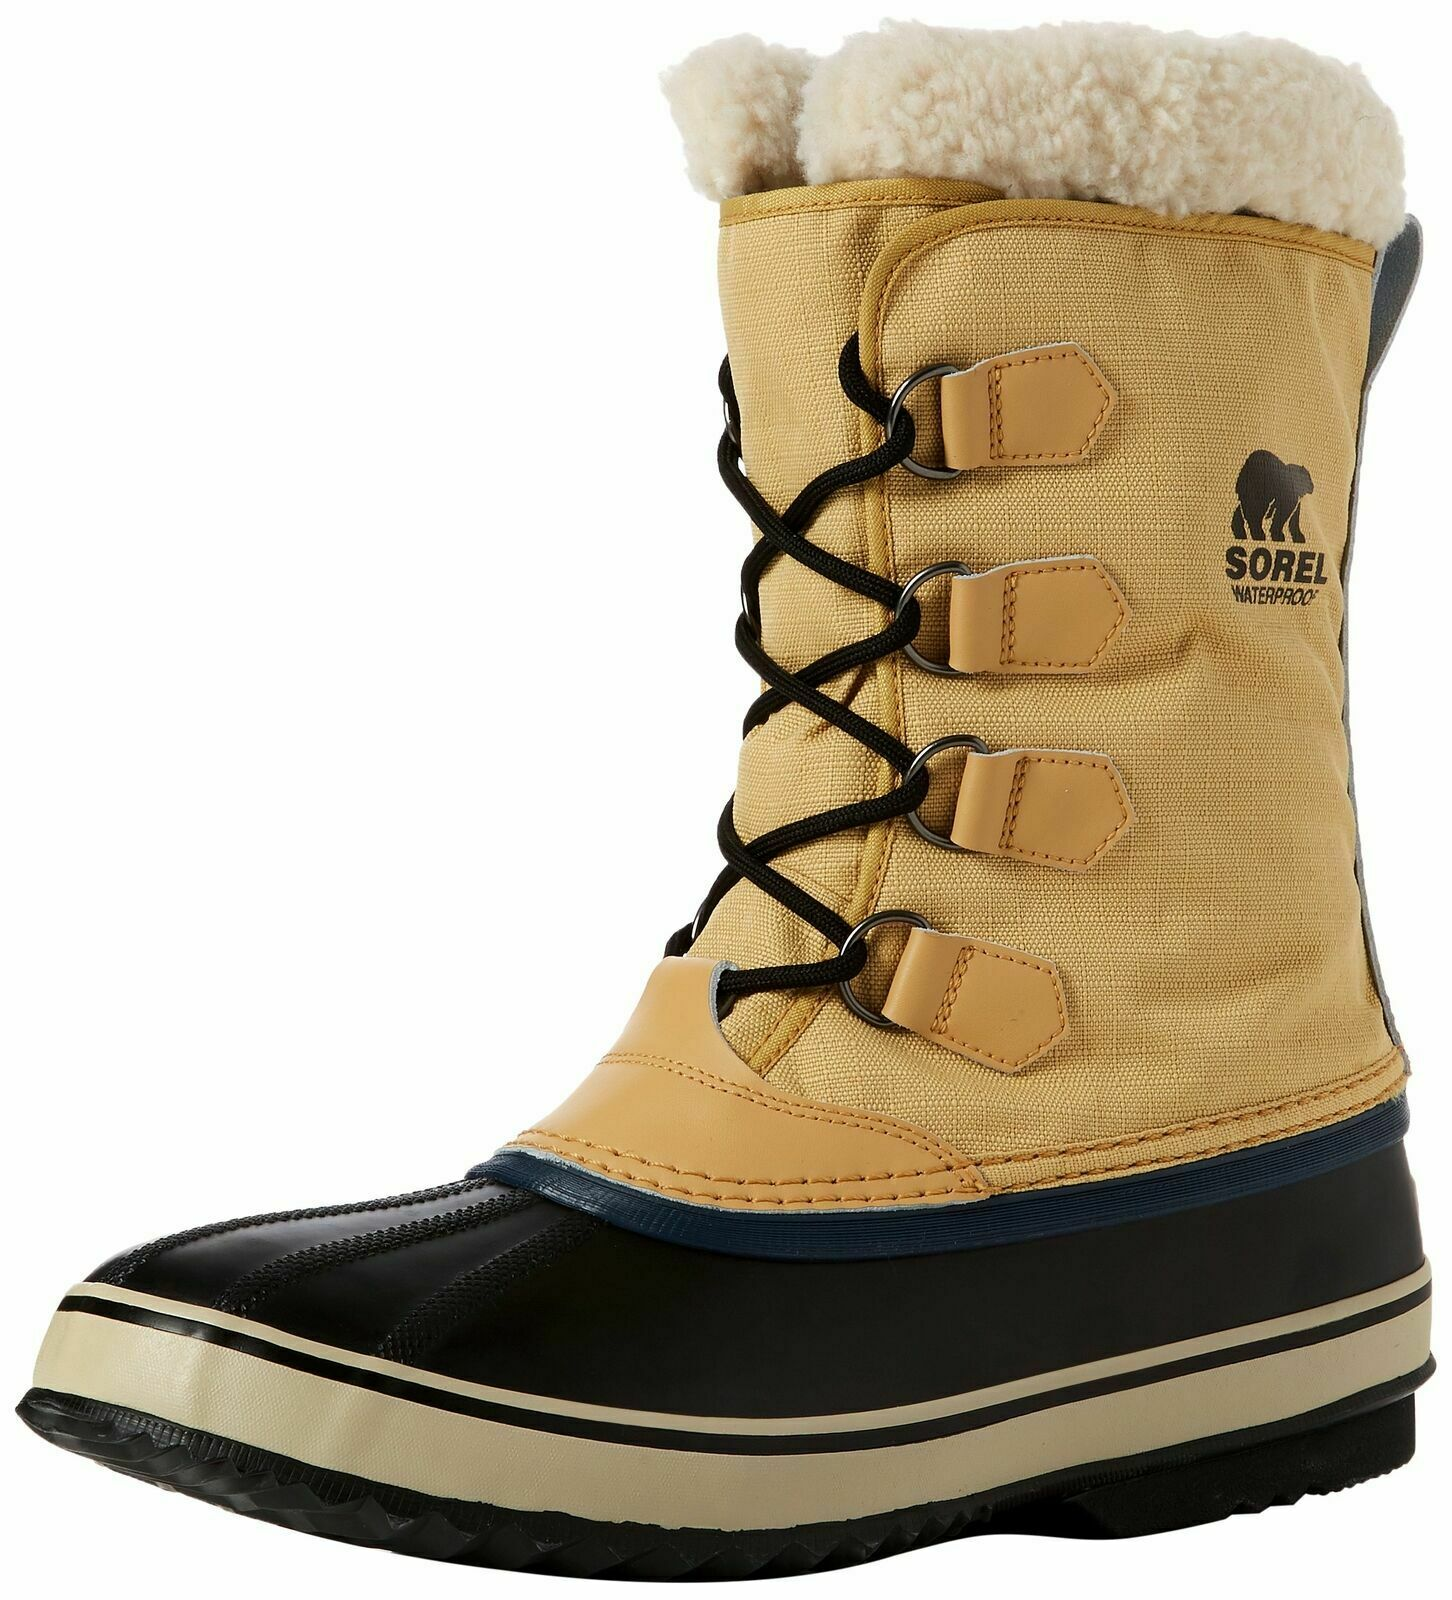 sorel boots 1964 pac